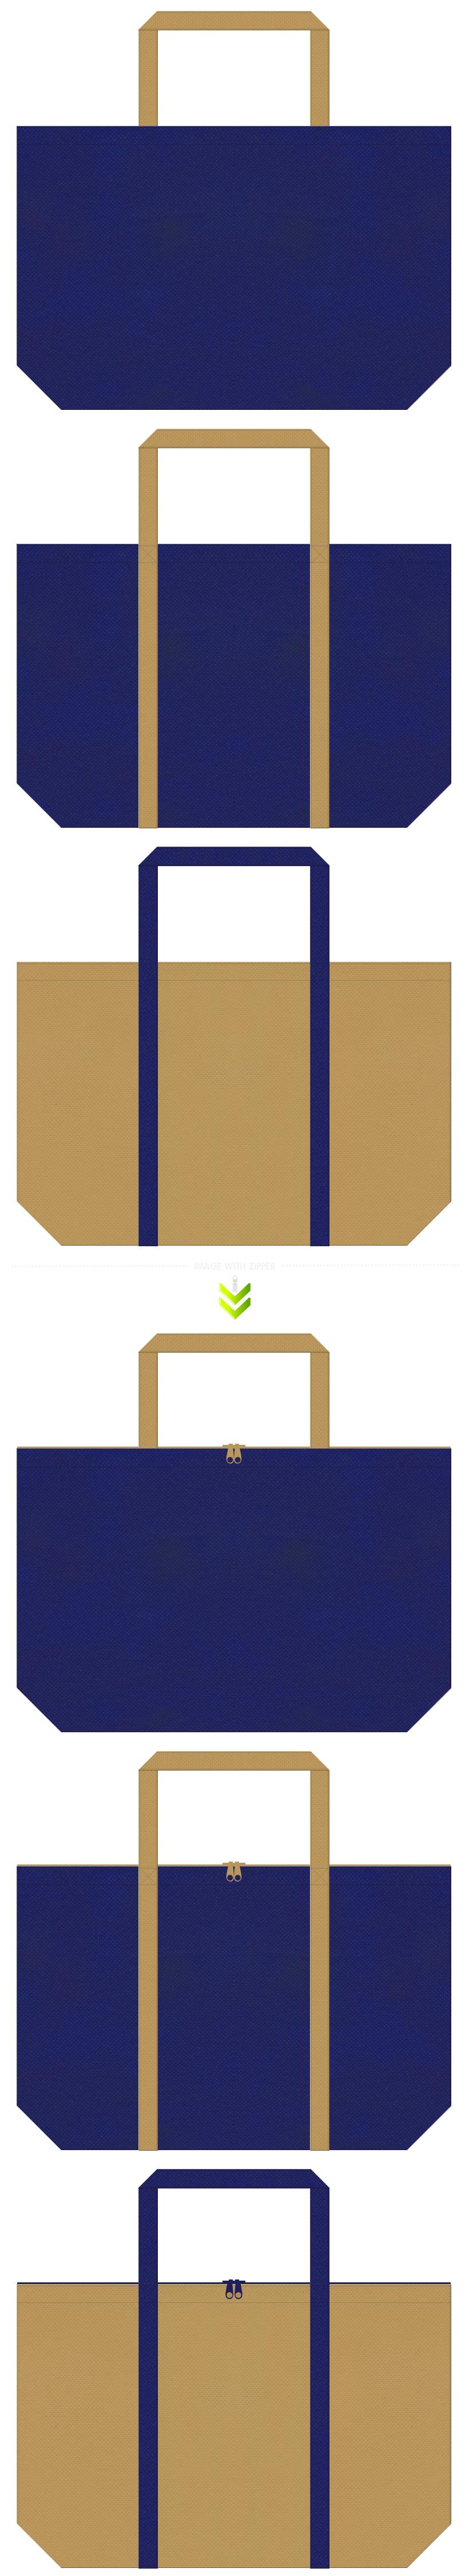 明るい紺色と金色系黄土色の不織布エコバッグのデザイン。